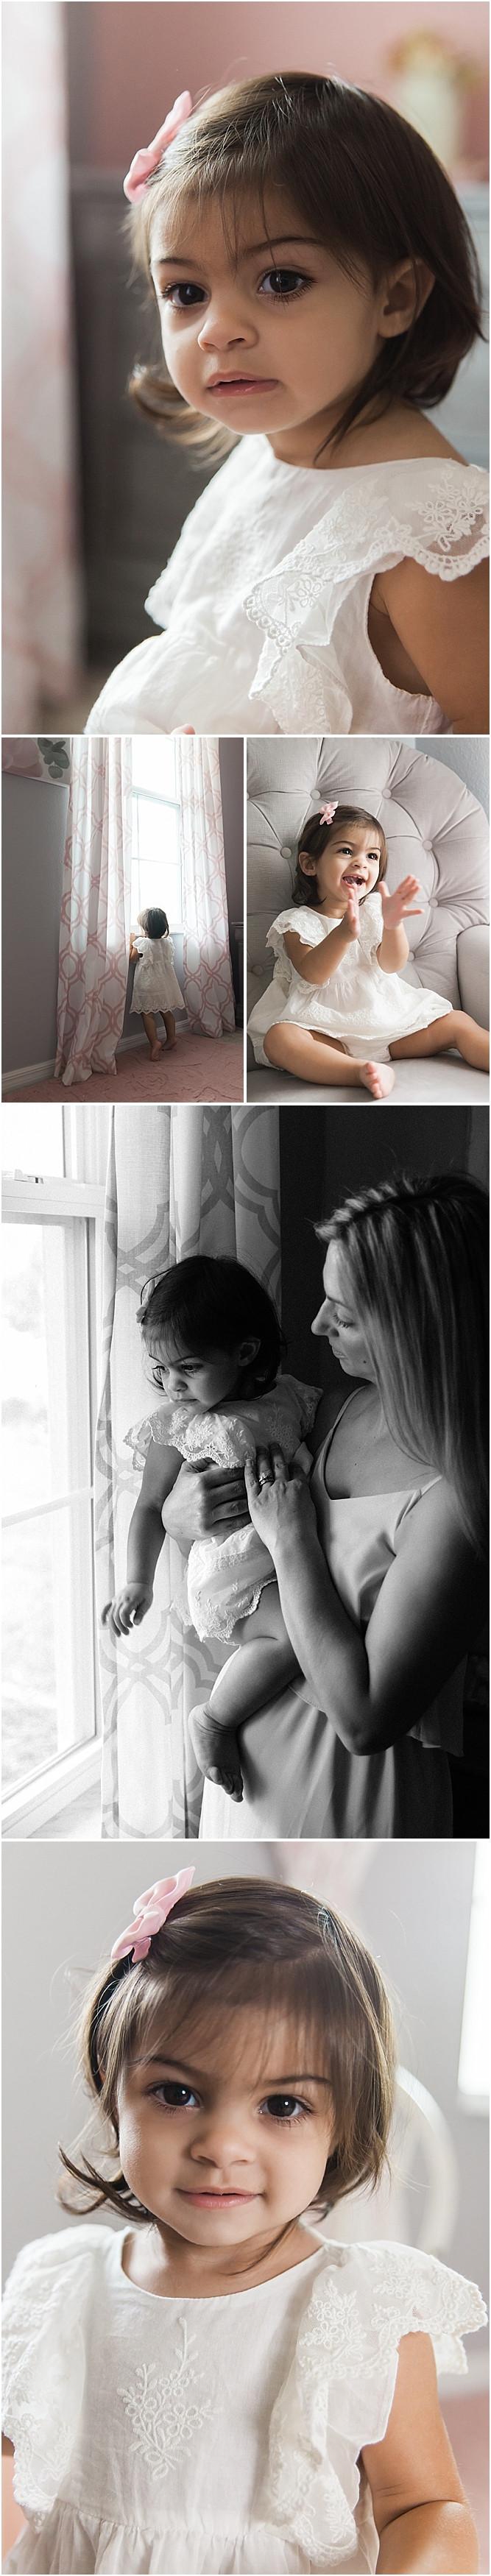 Sarasota Baby Photographer Milestone session one year old Smash Cake